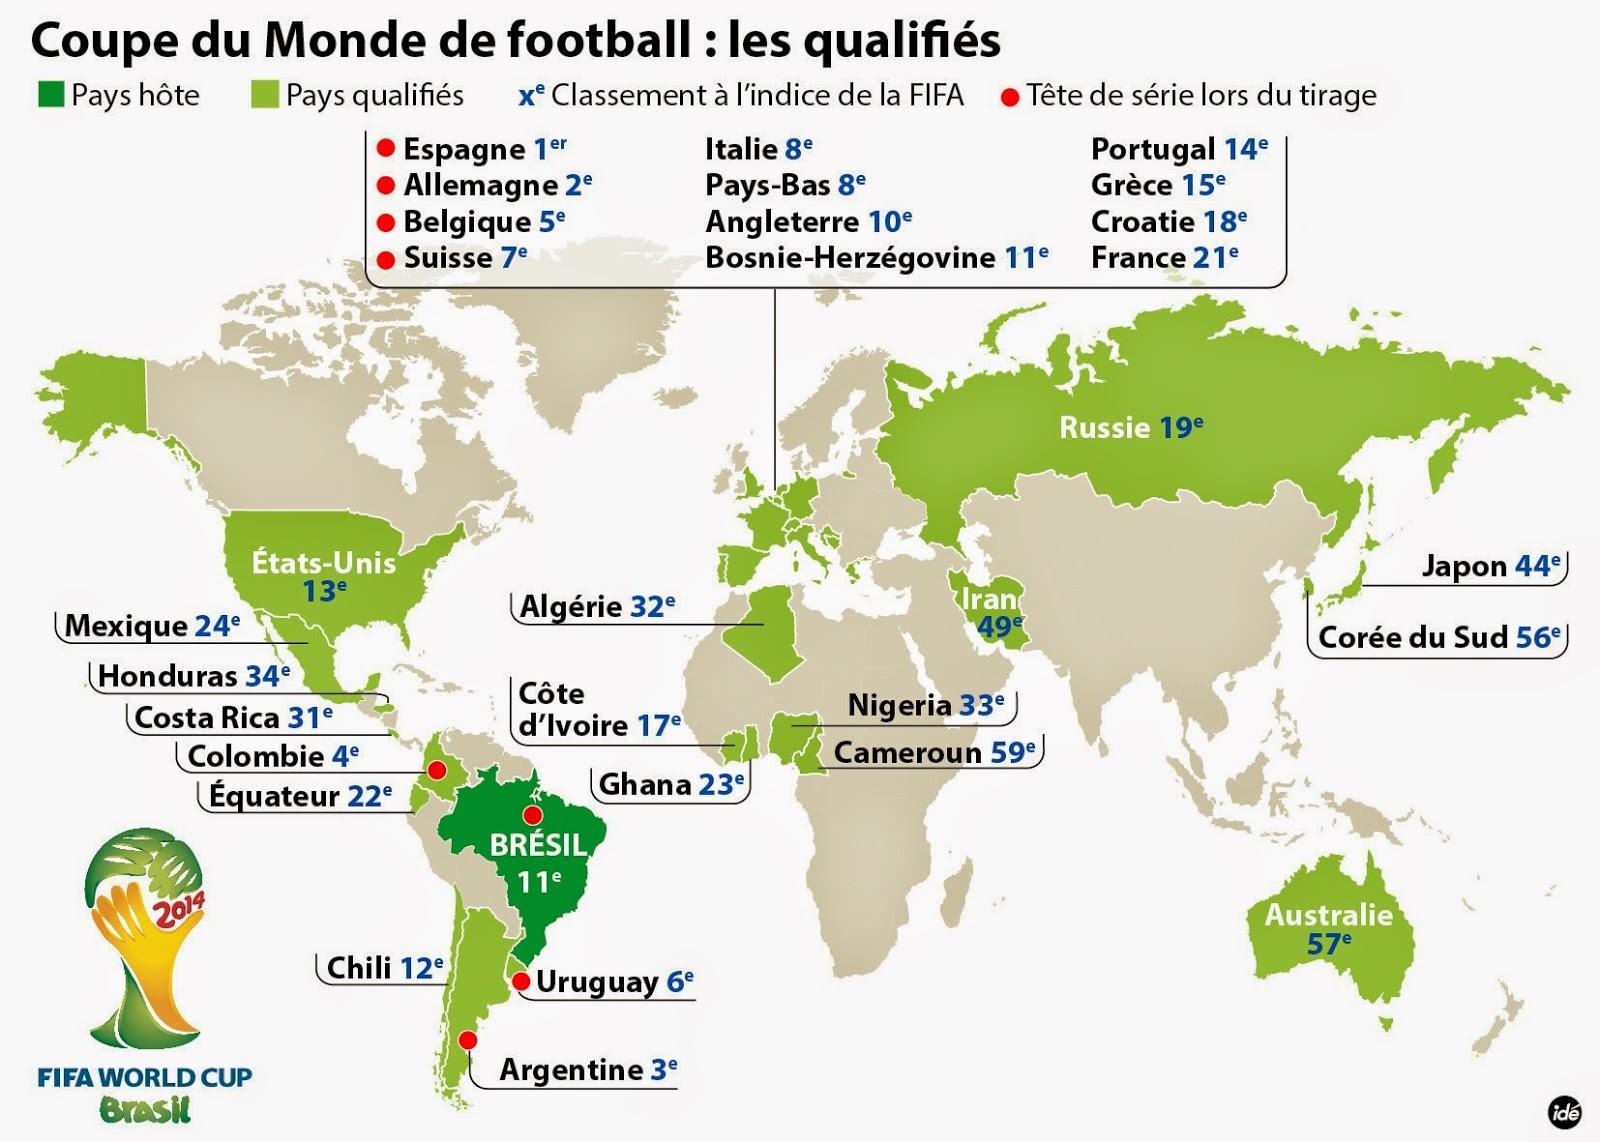 Herald dick magazine la coupe du monde 2014 de football au br sil illustr e par les blasons - Carte coupe du monde 2014 ...